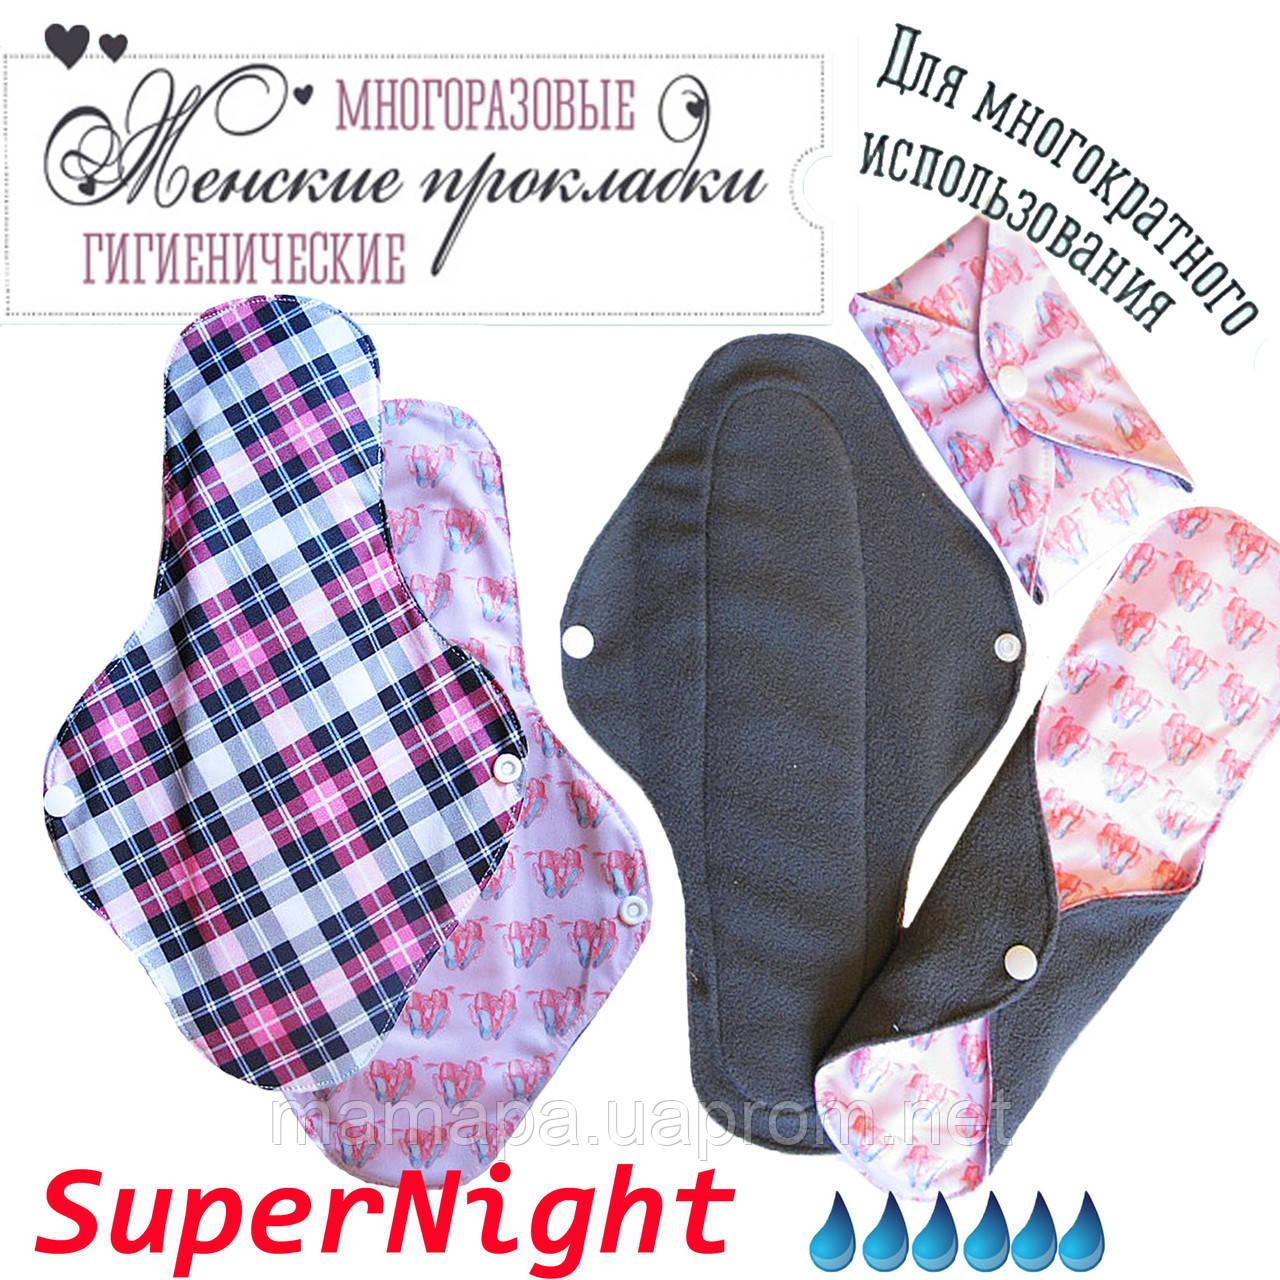 Многоразовые прокладки Super Night-6 бамбук угольный, непромокаемые, дышащие - 1шт